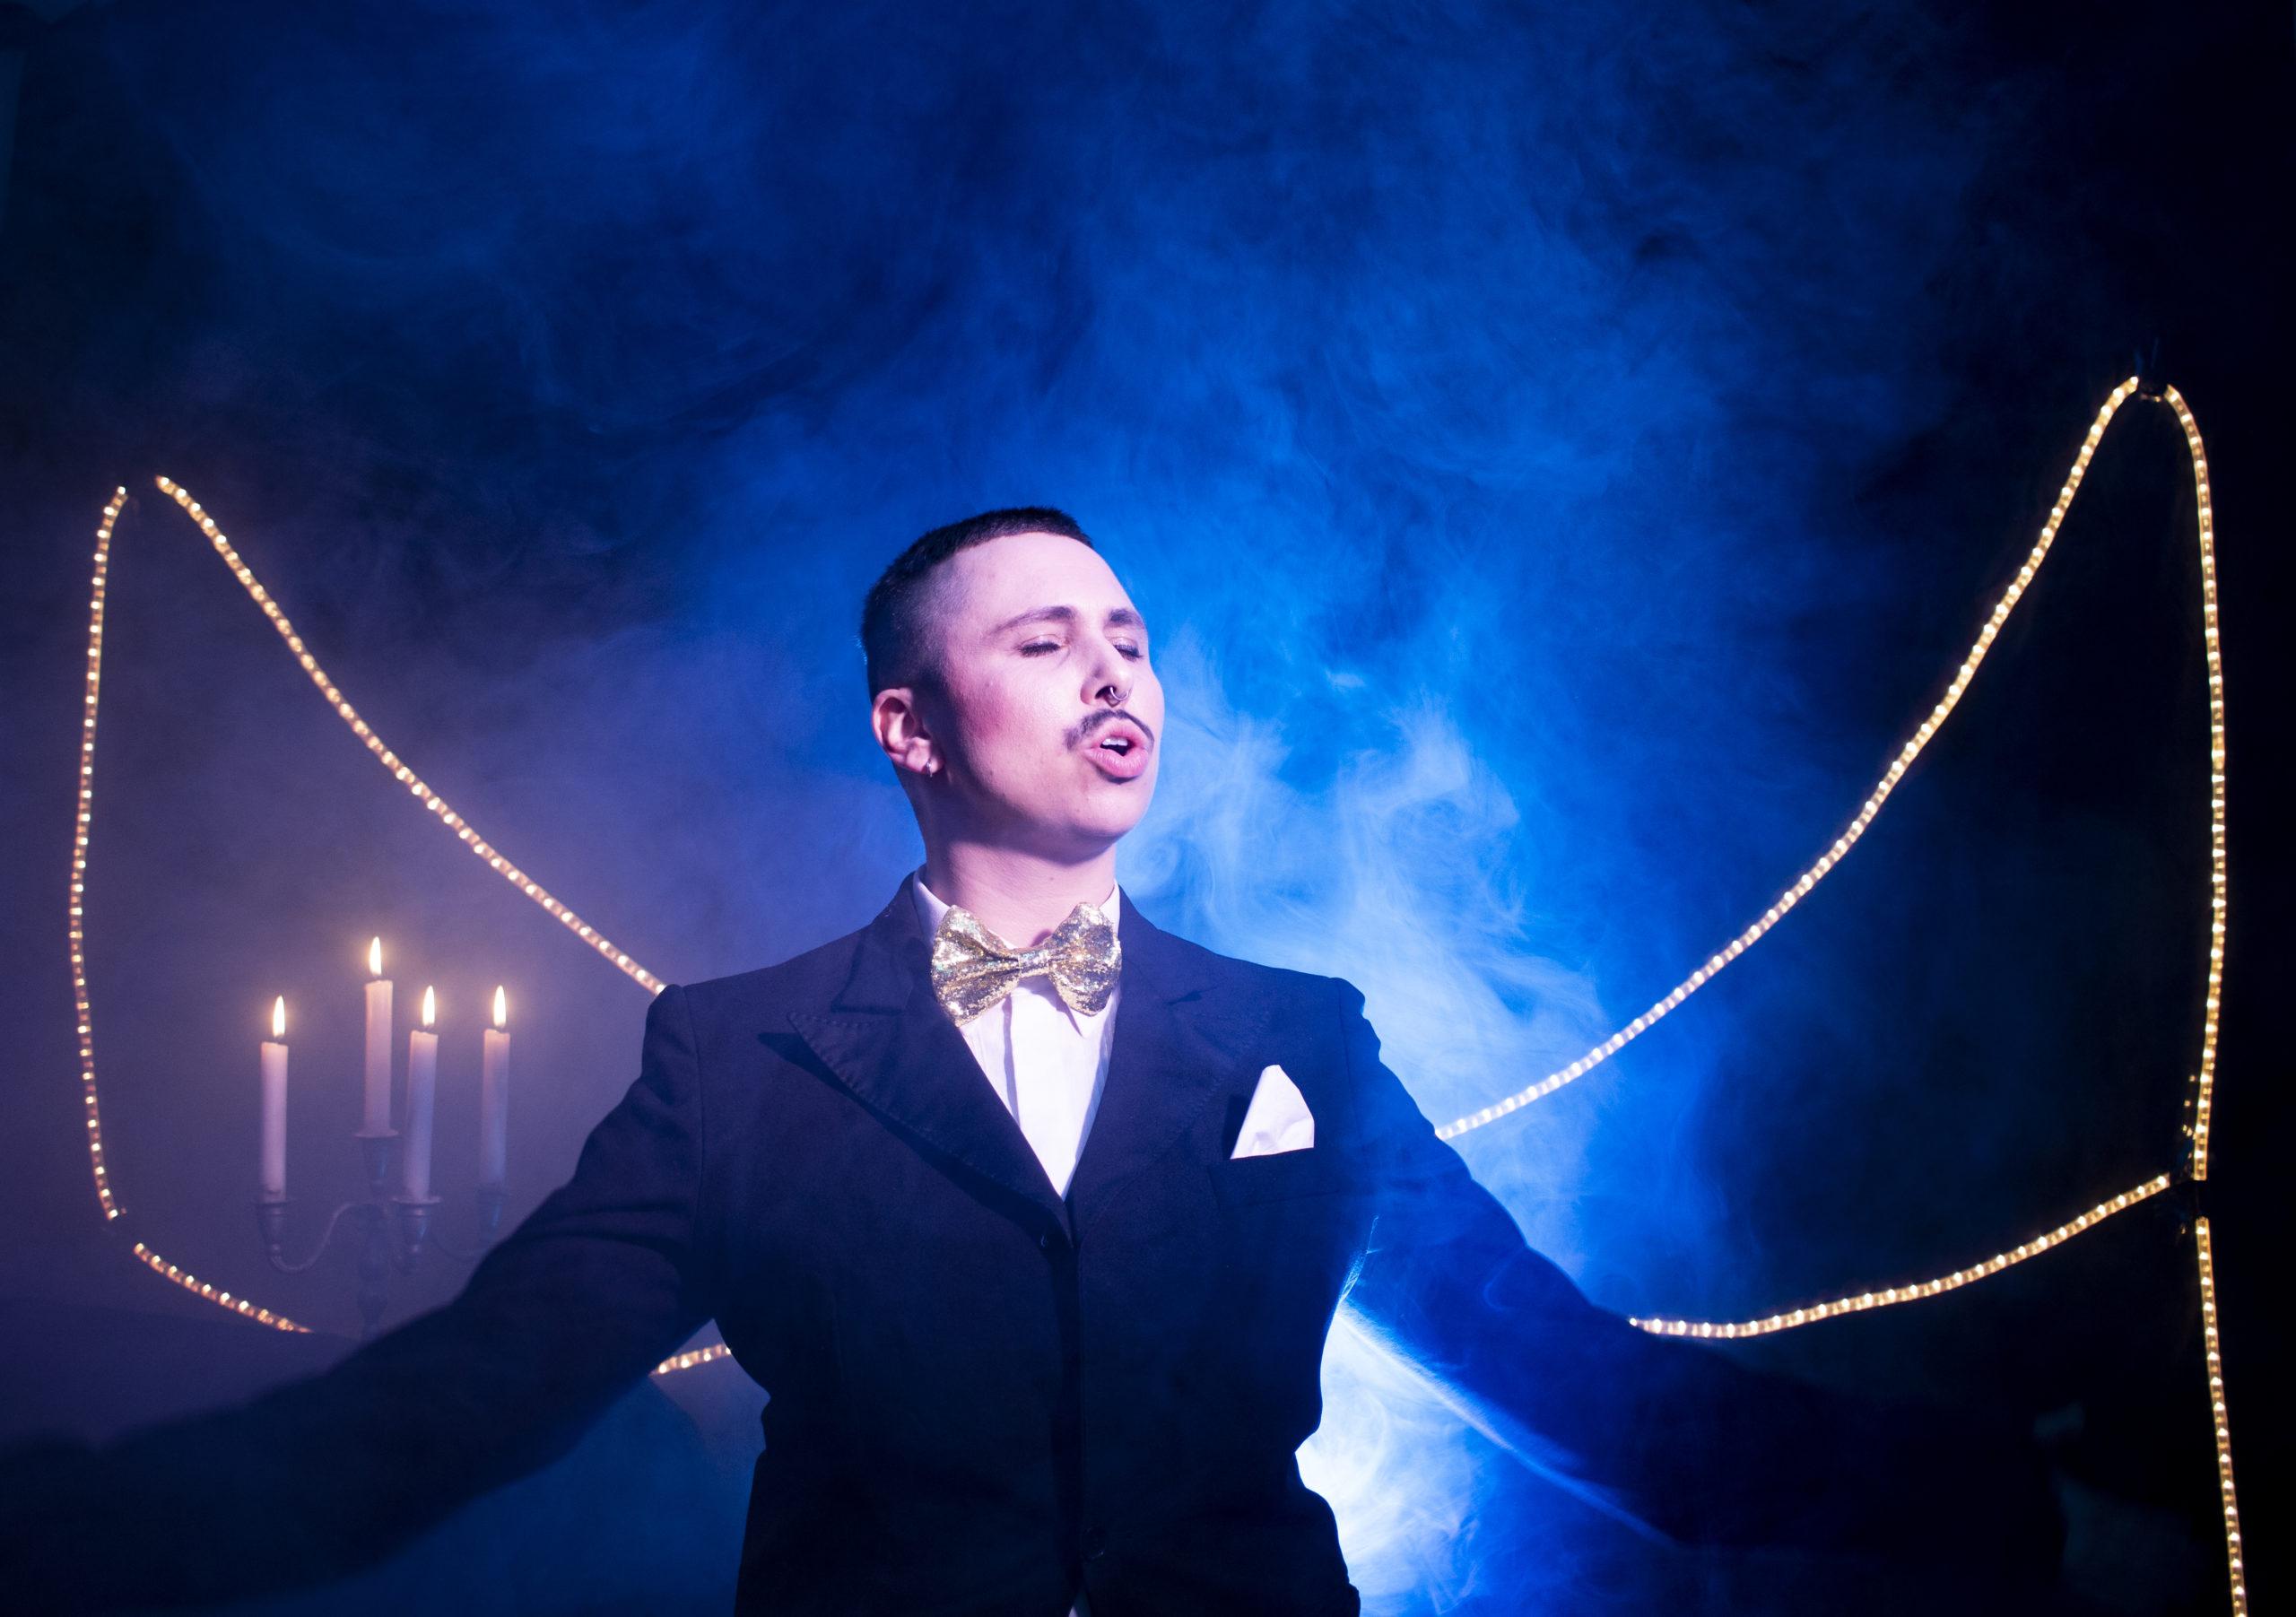 Mono steht mit geschlossenen Augen vor einem Lichtkegel, trägt einen schwarzen Anzug mit weißem Hemd und goldener Fliege. Hinter ihm brennen 4 Kerzen und den Hintergrund durchziehen Nebelschwaden.